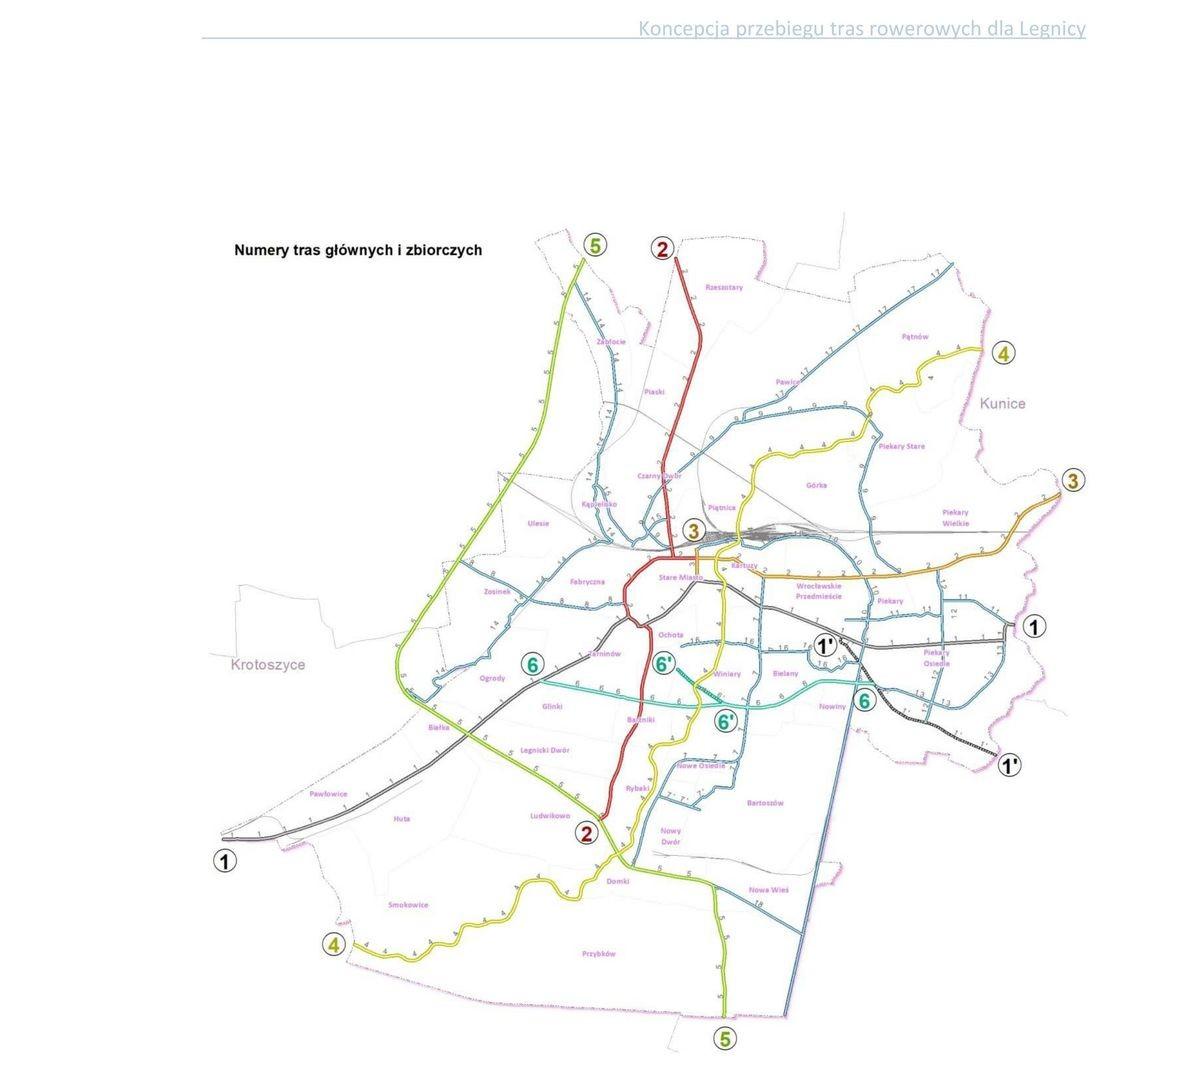 Mapa rowerowa Legnicy